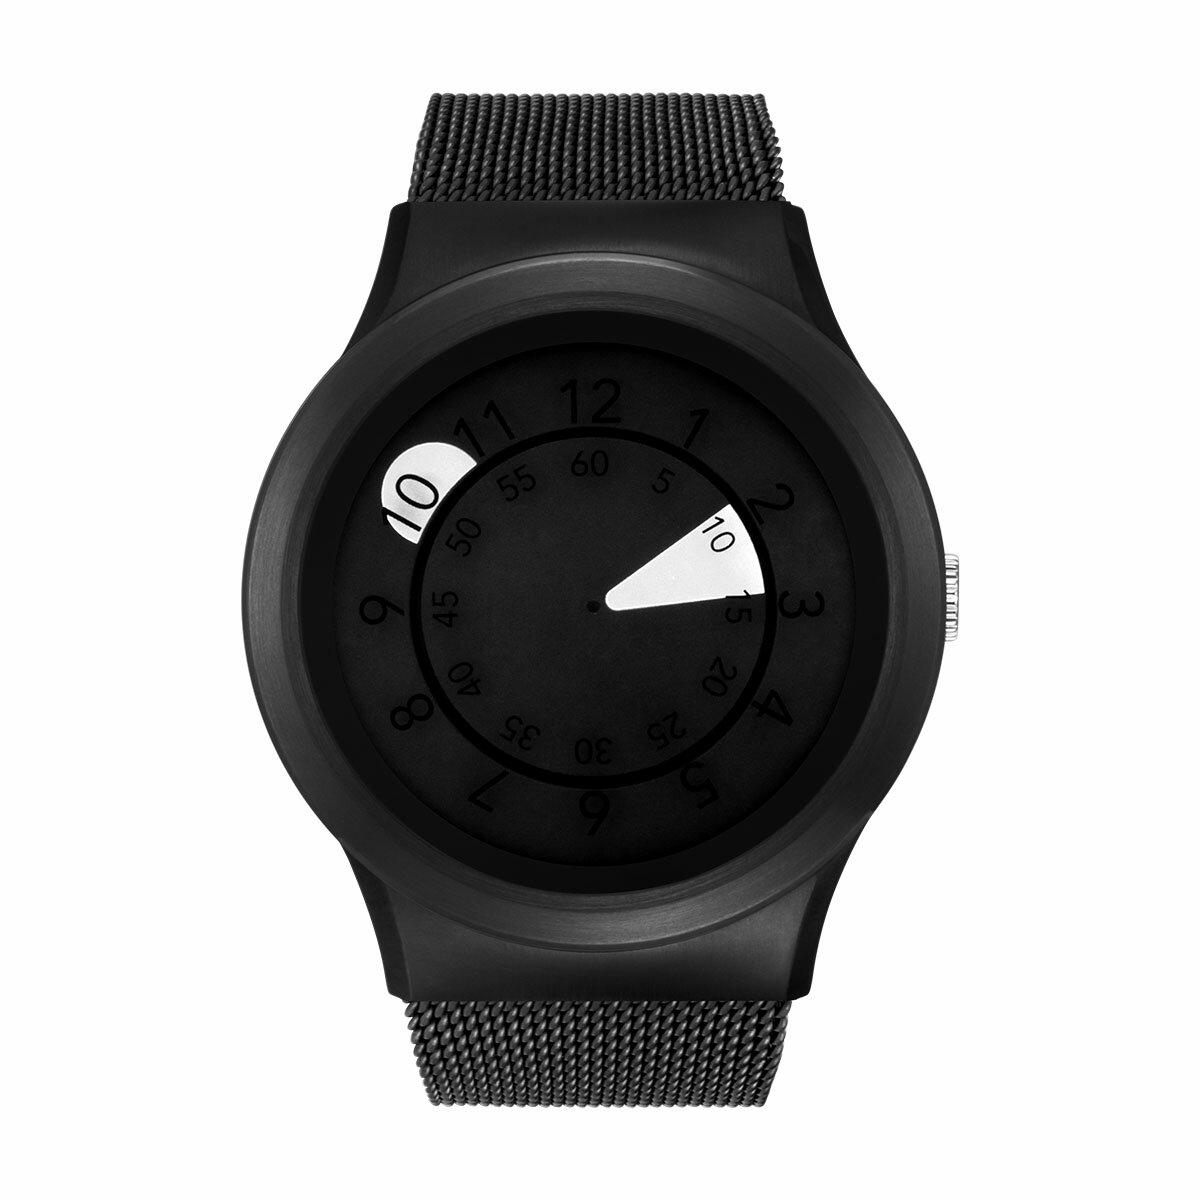 ZEROO AQUA DROP ゼロ 電池式クォーツ 腕時計 [W10038B03SM03] ホワイト デザインウォッチ ペア用 メンズ レディース ユニセックス おしゃれ時計 デザイナーズ